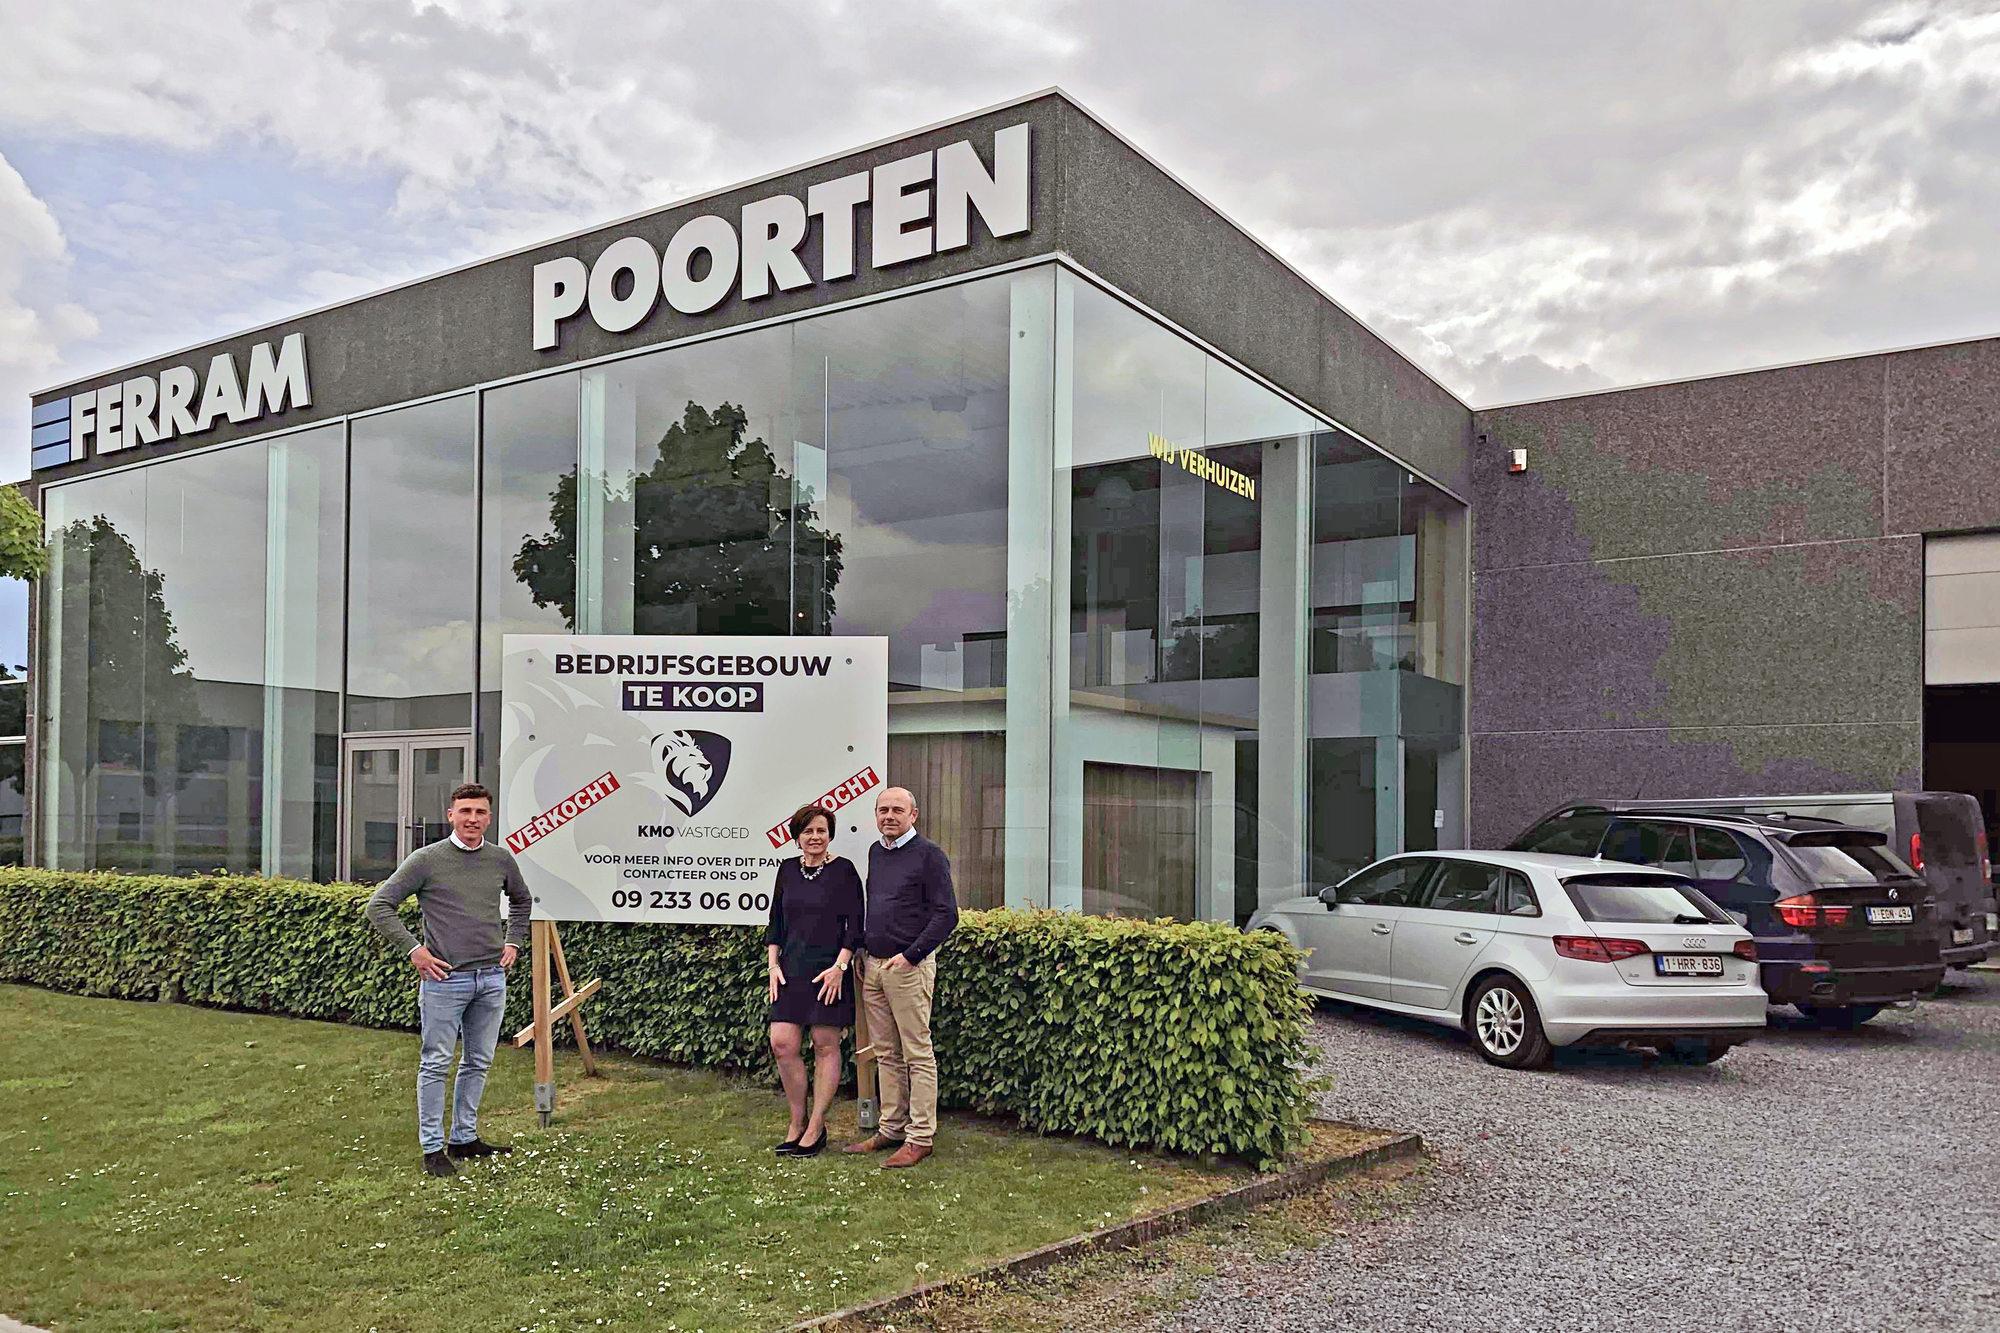 Poortenspecialist verhuist zorgeloos naar nieuwbouw dankzij KMO Vastgoed.